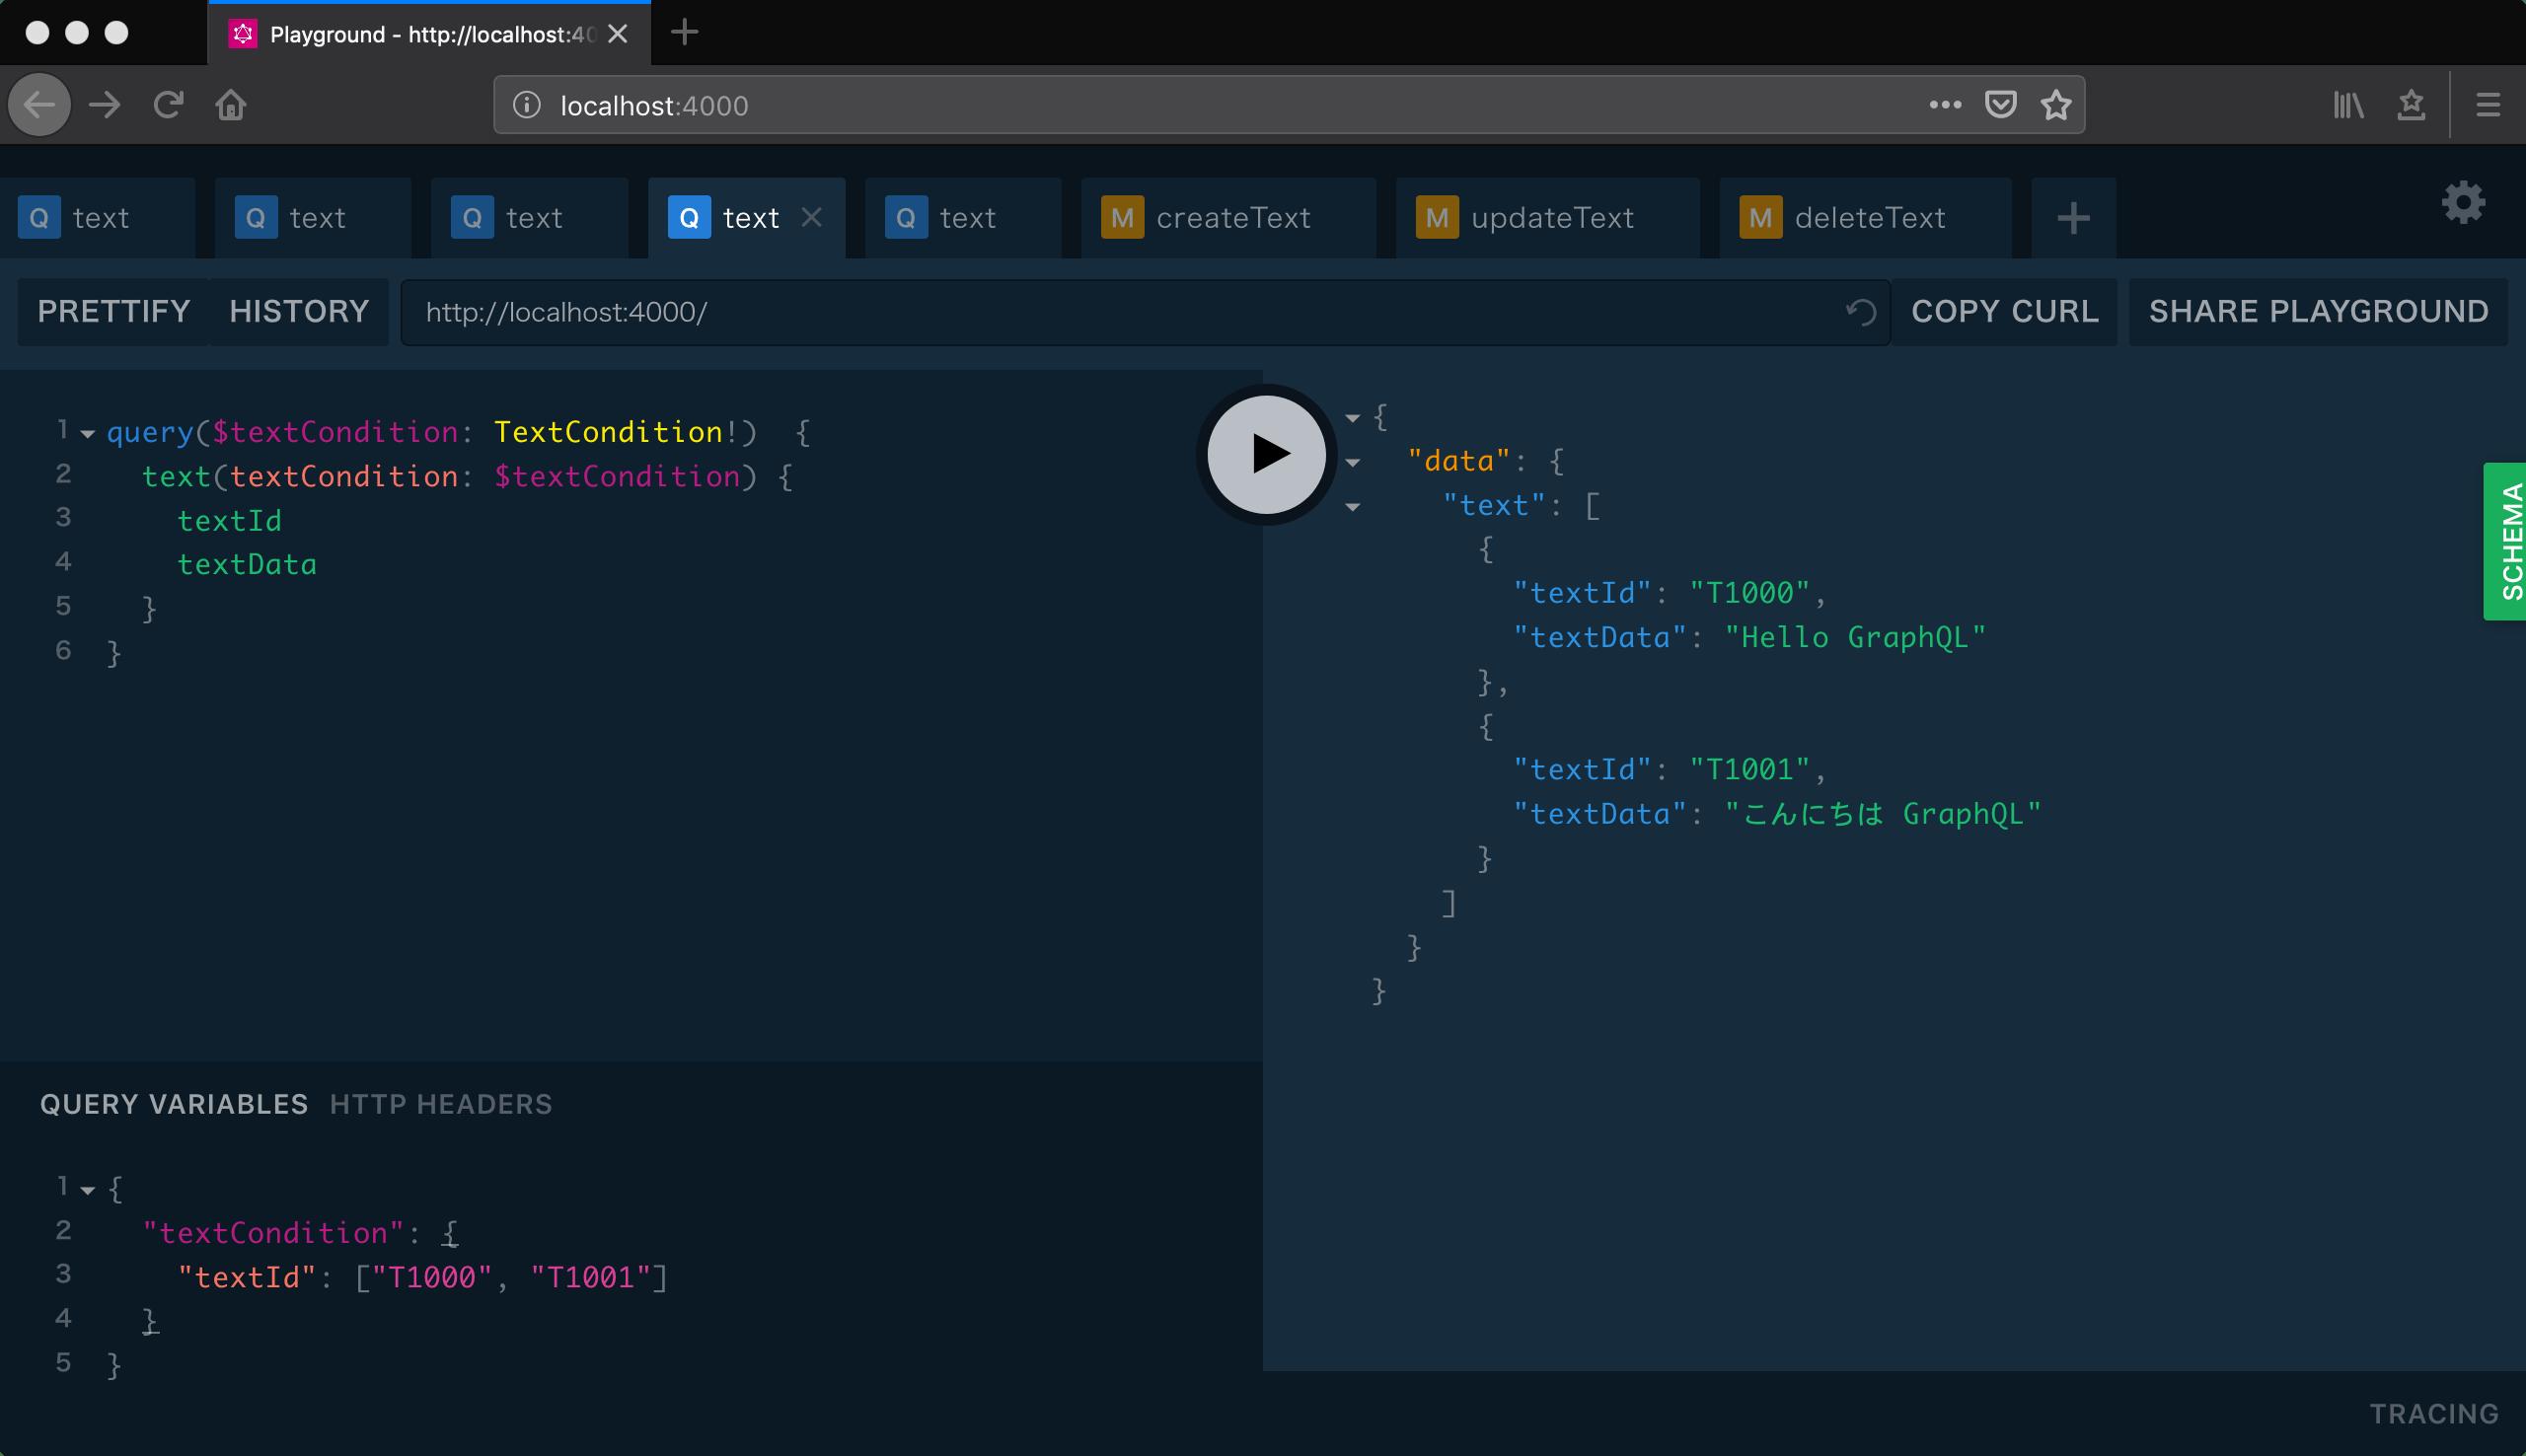 Web API初心者と学ぶGraphQL - Qiita